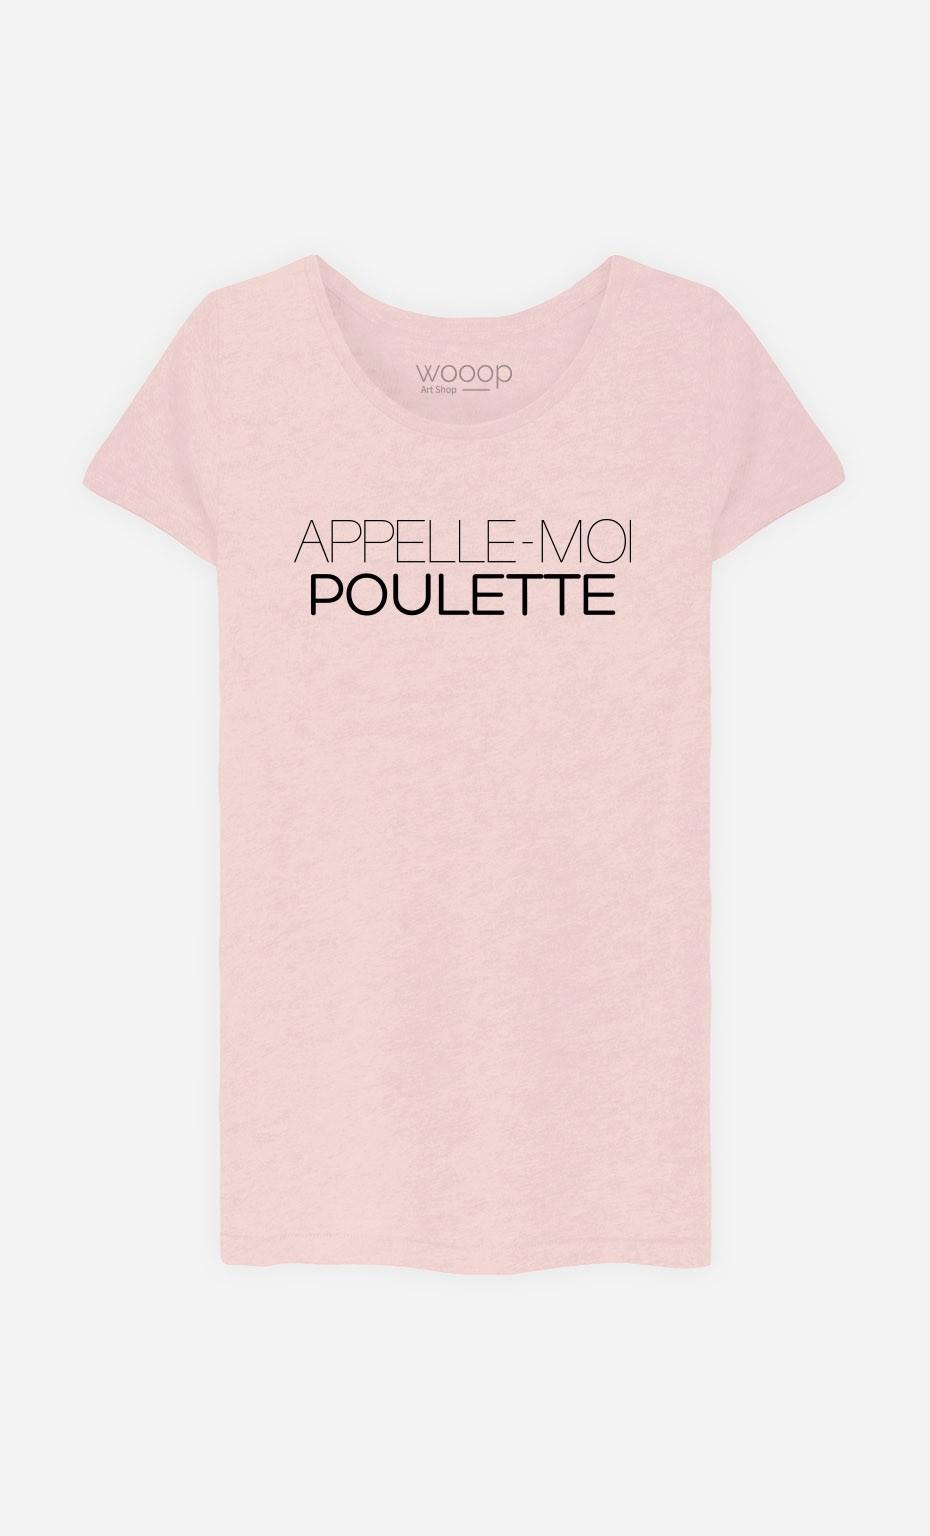 T-Shirt Appelle-Moi Poulette